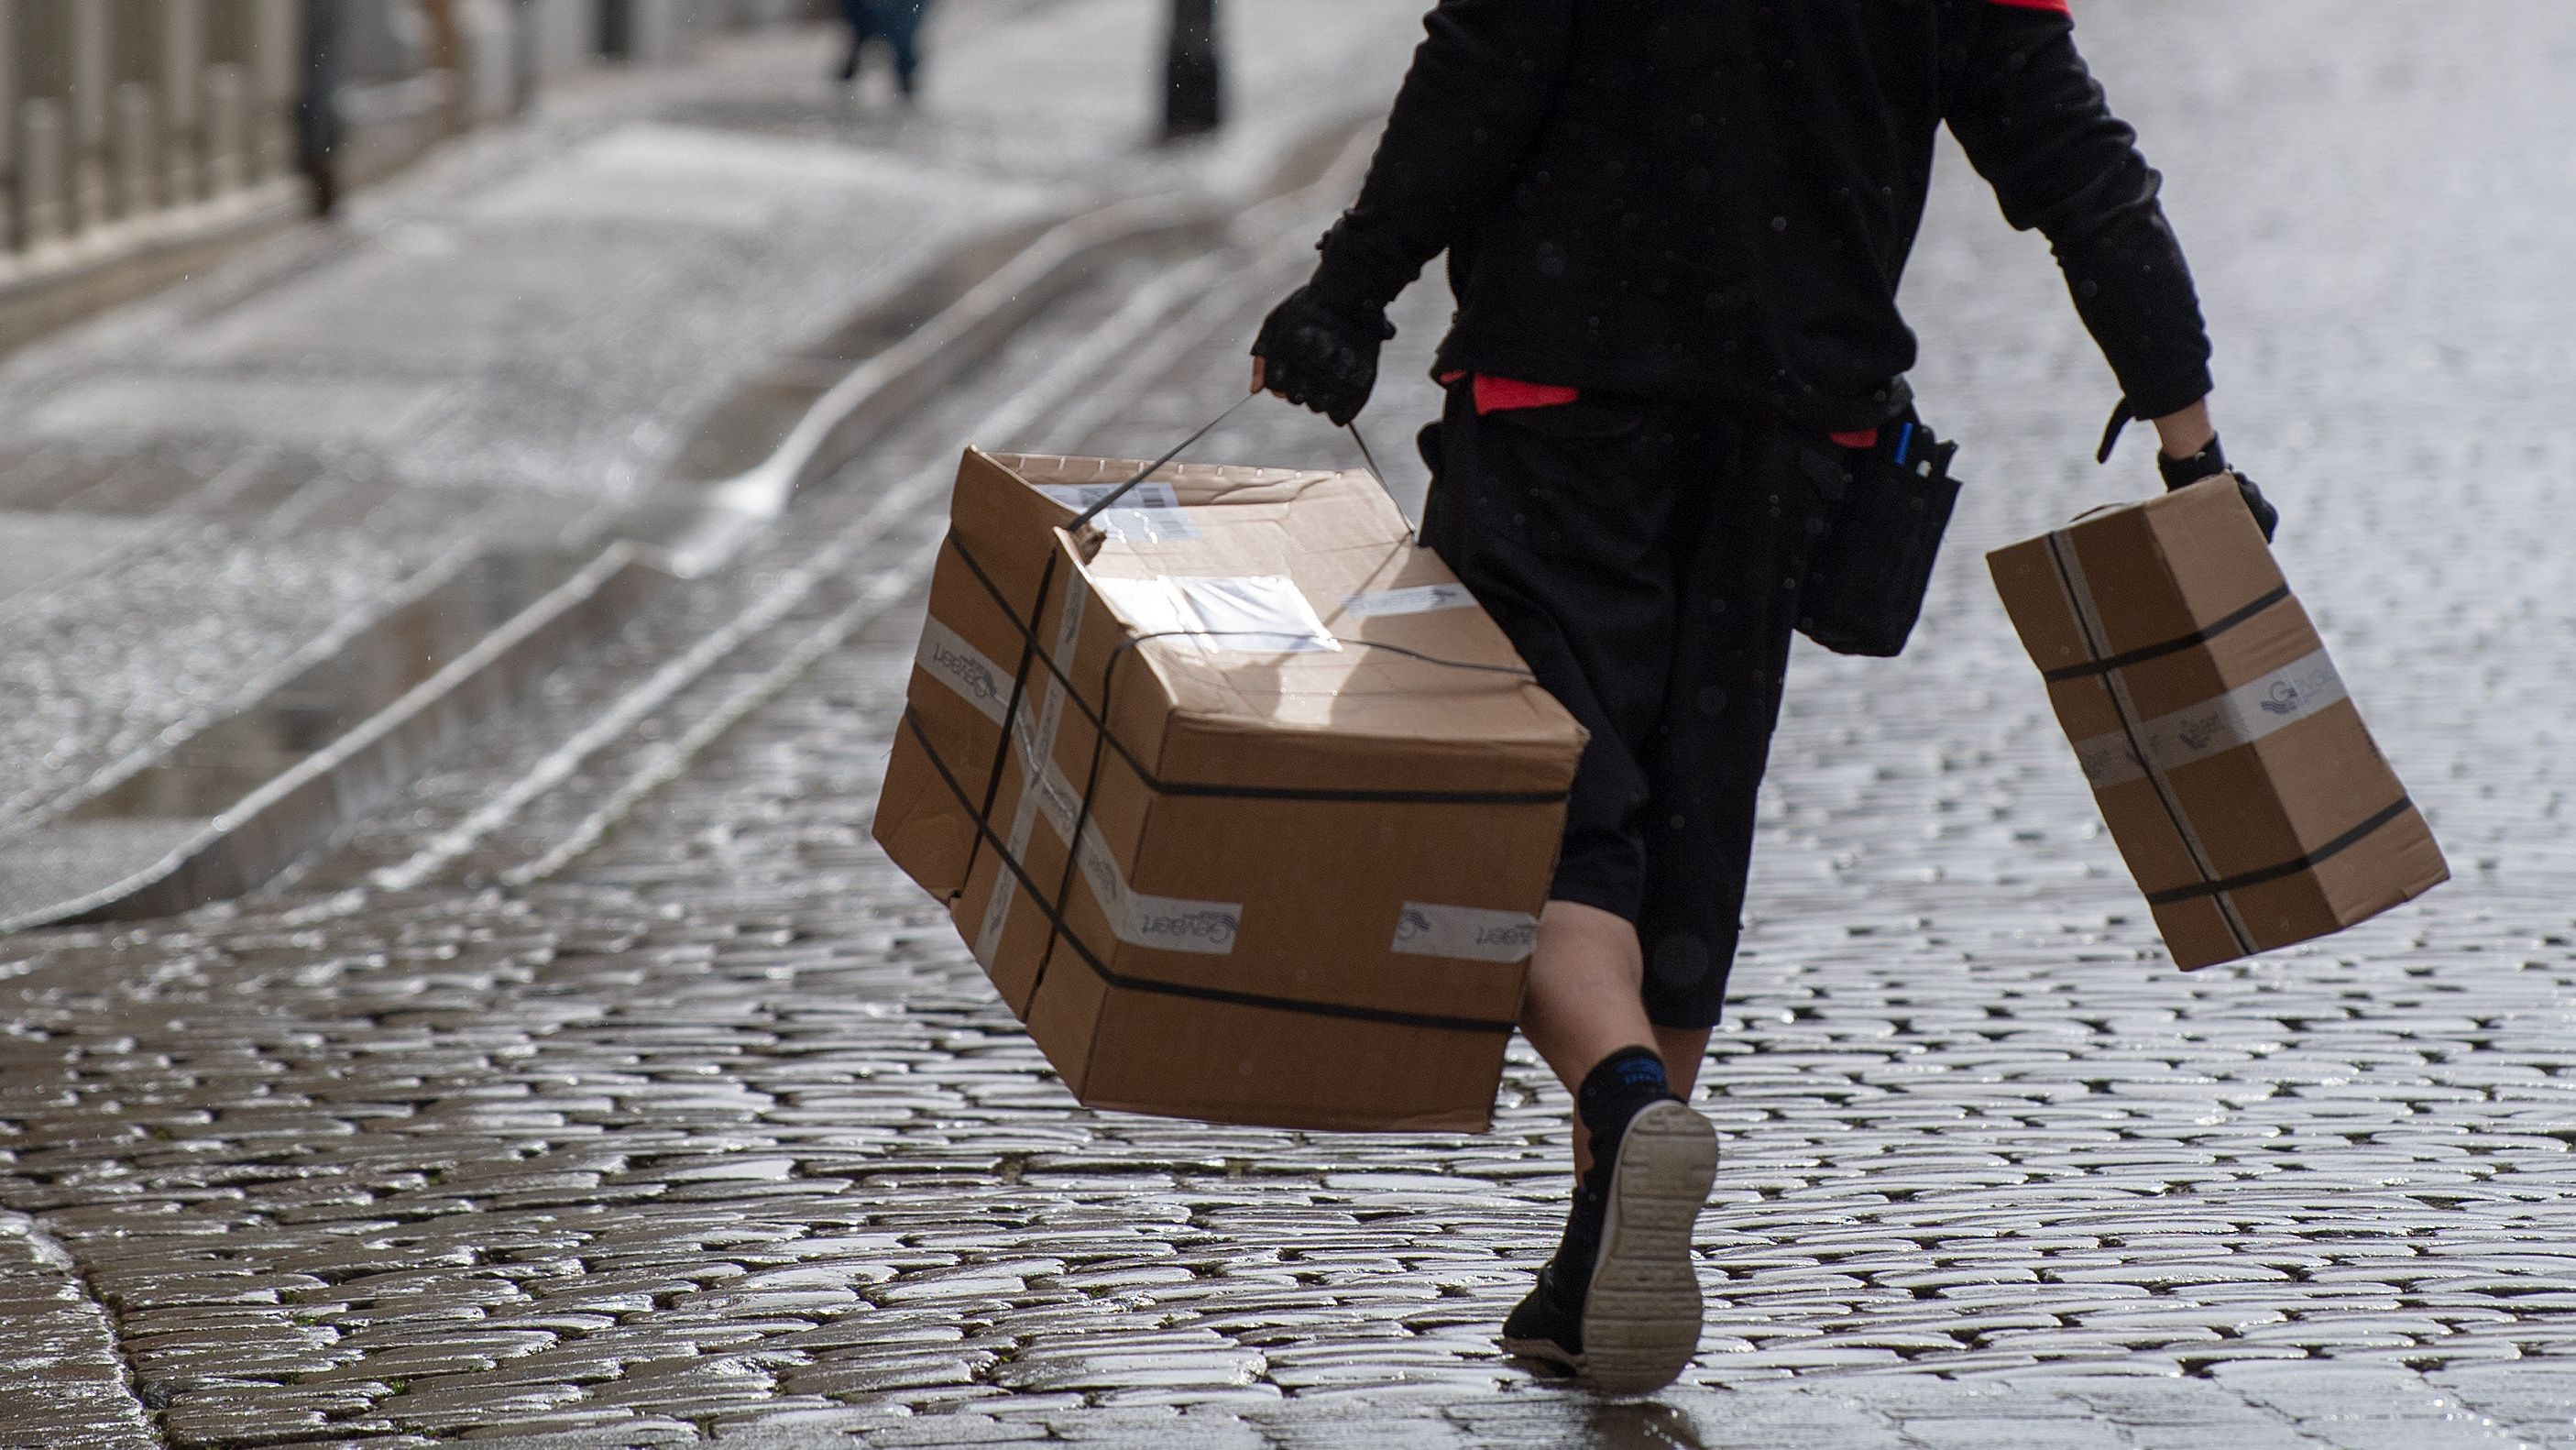 Ein Paketzusteller schleppt zwei Pakete eine Straße entlang.